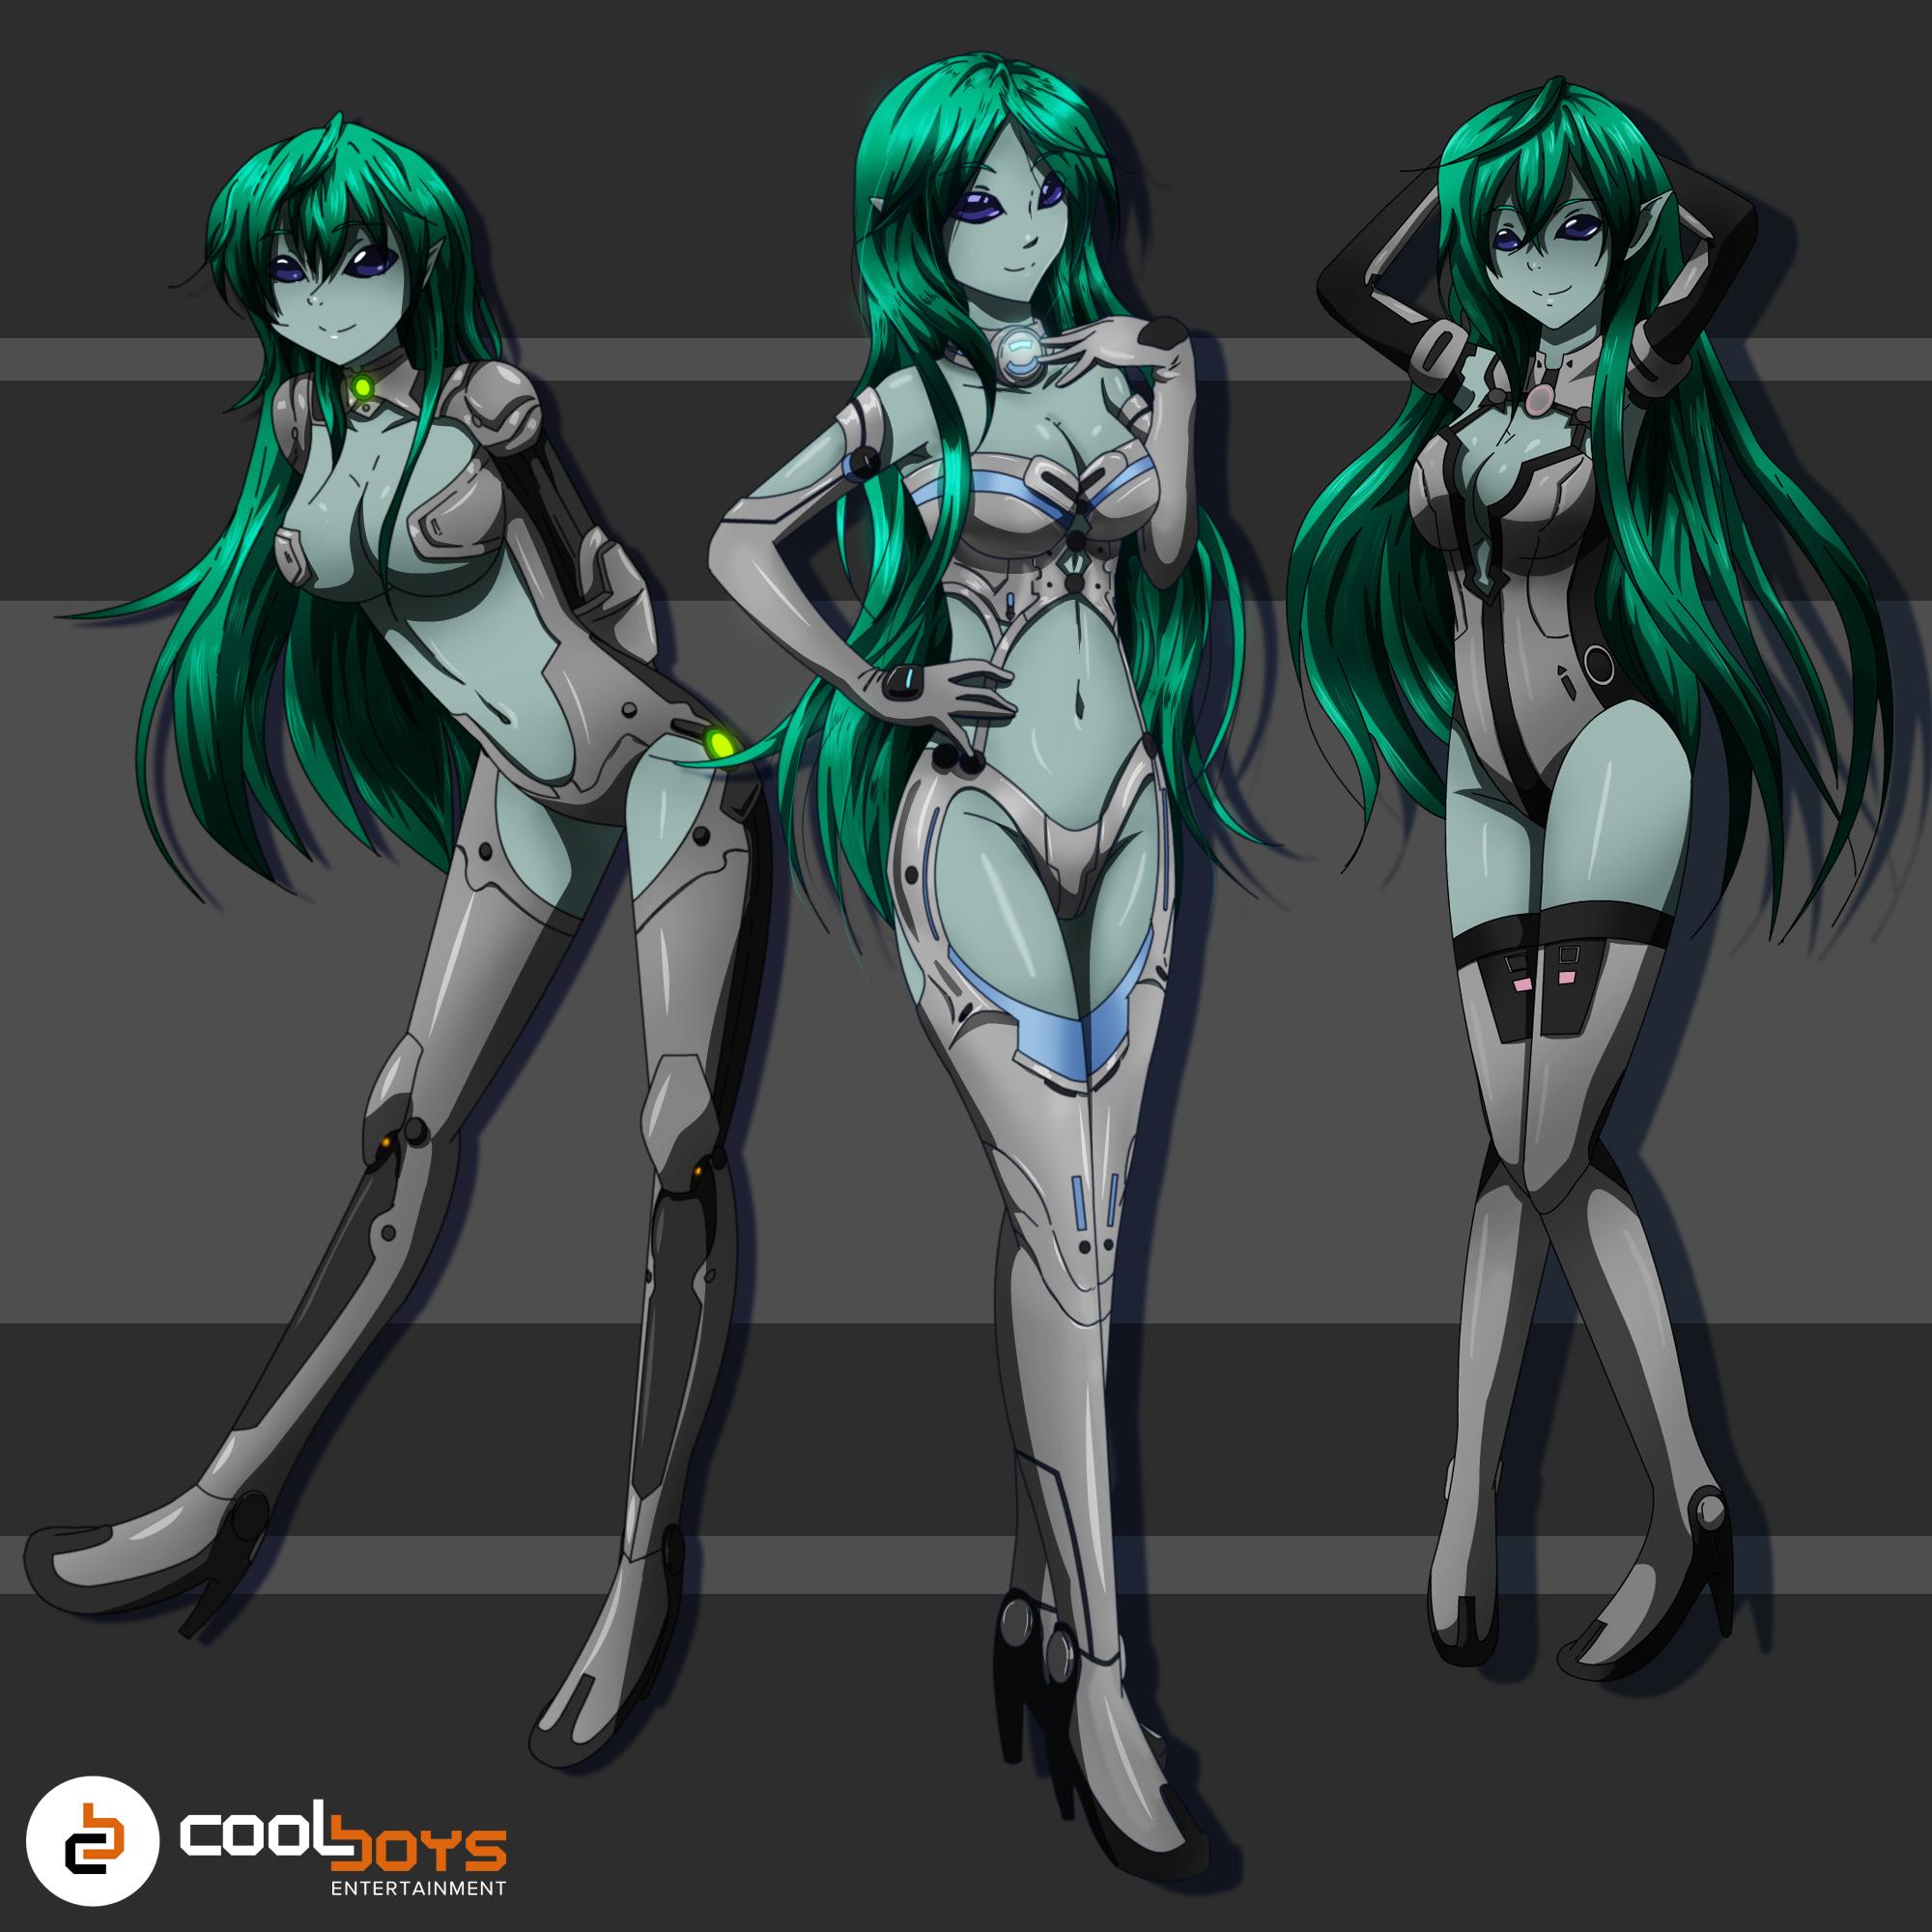 alien girls